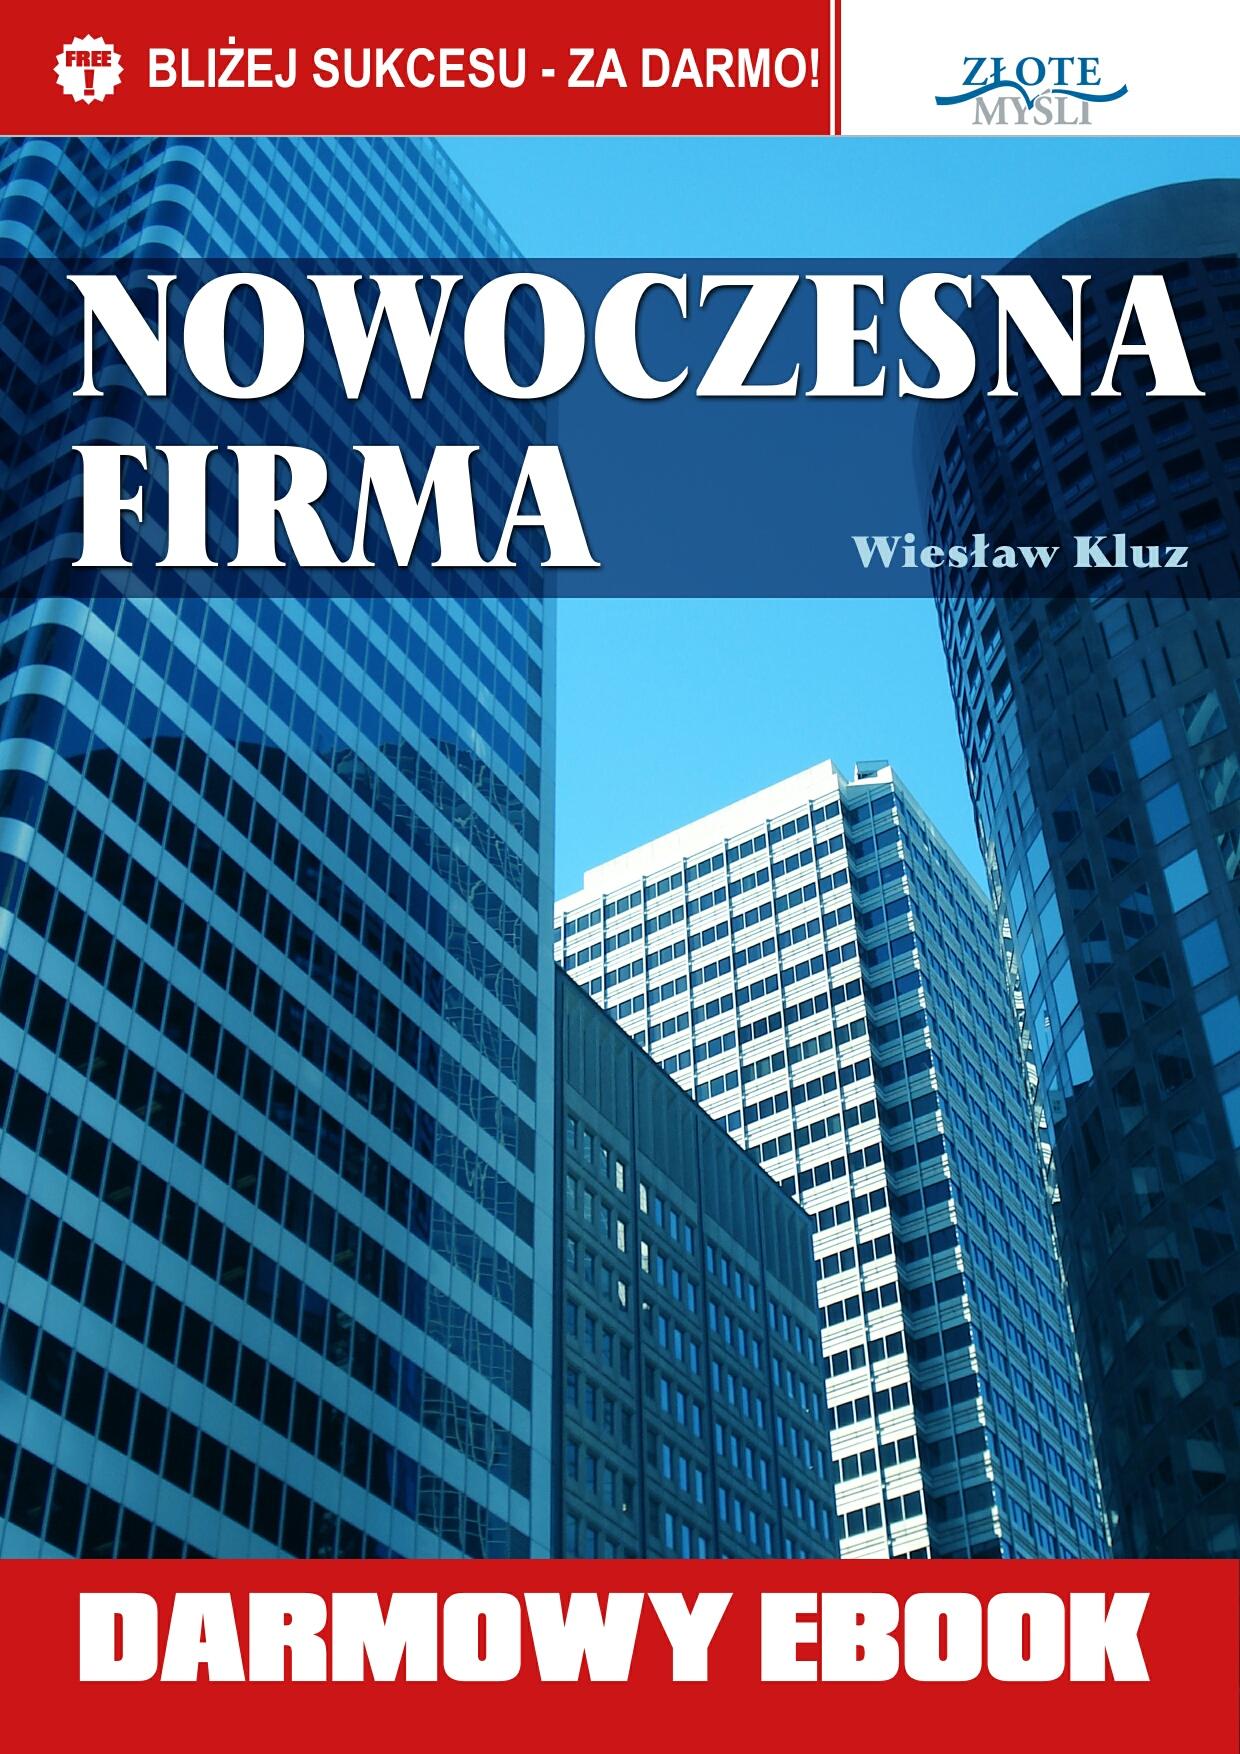 Wiesław Kluz: Nowoczesna firma - okładka